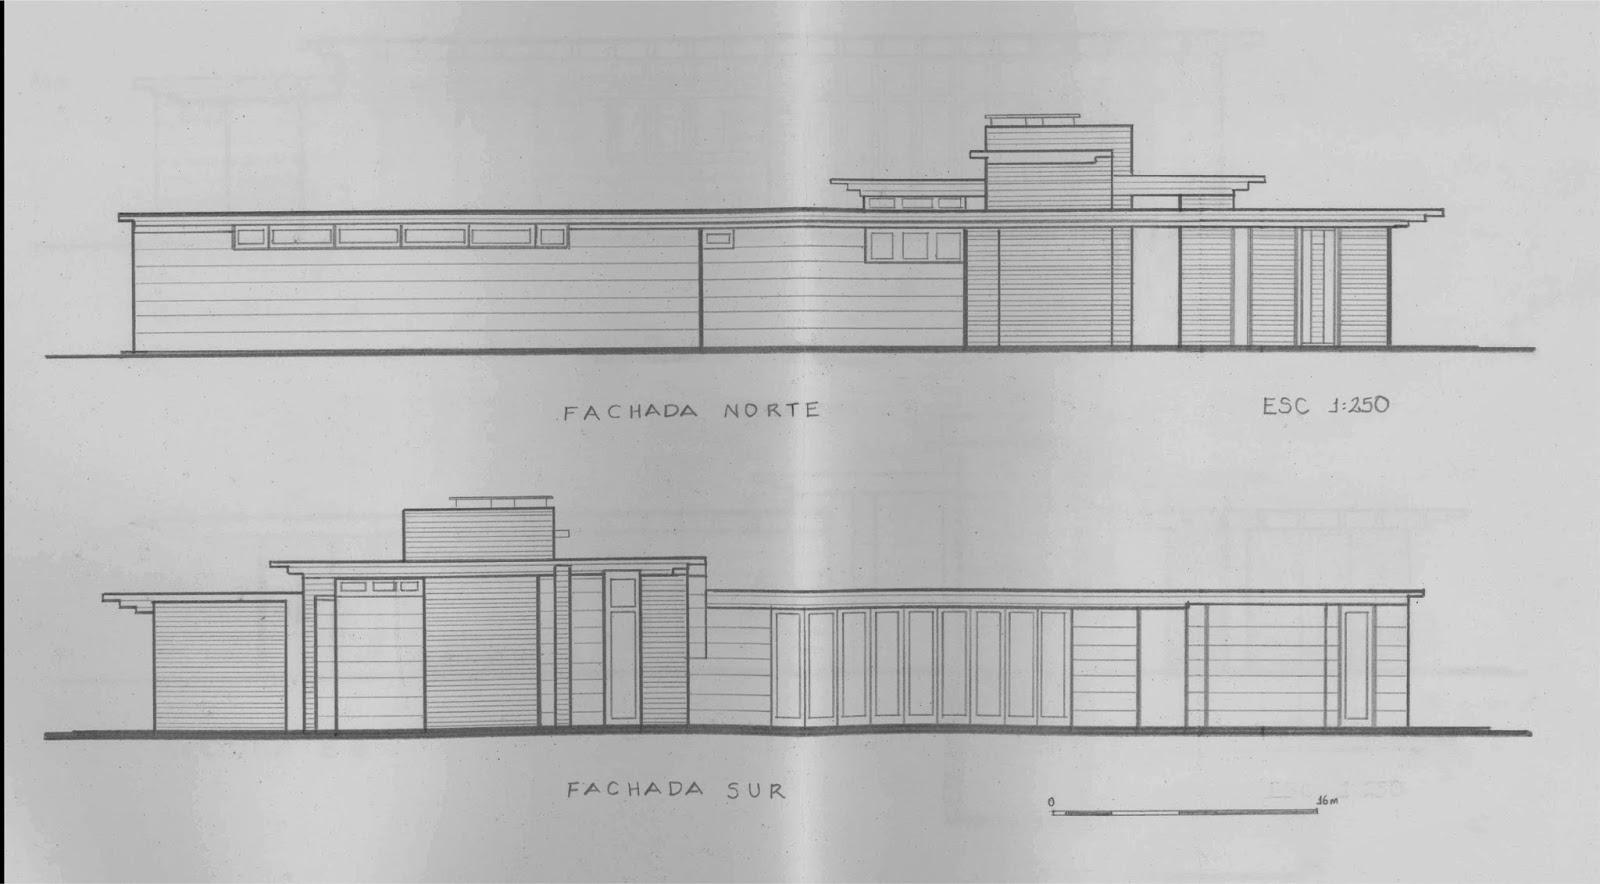 Historia De La Arquitectura Moderna Casa Jacobs 1 Frank